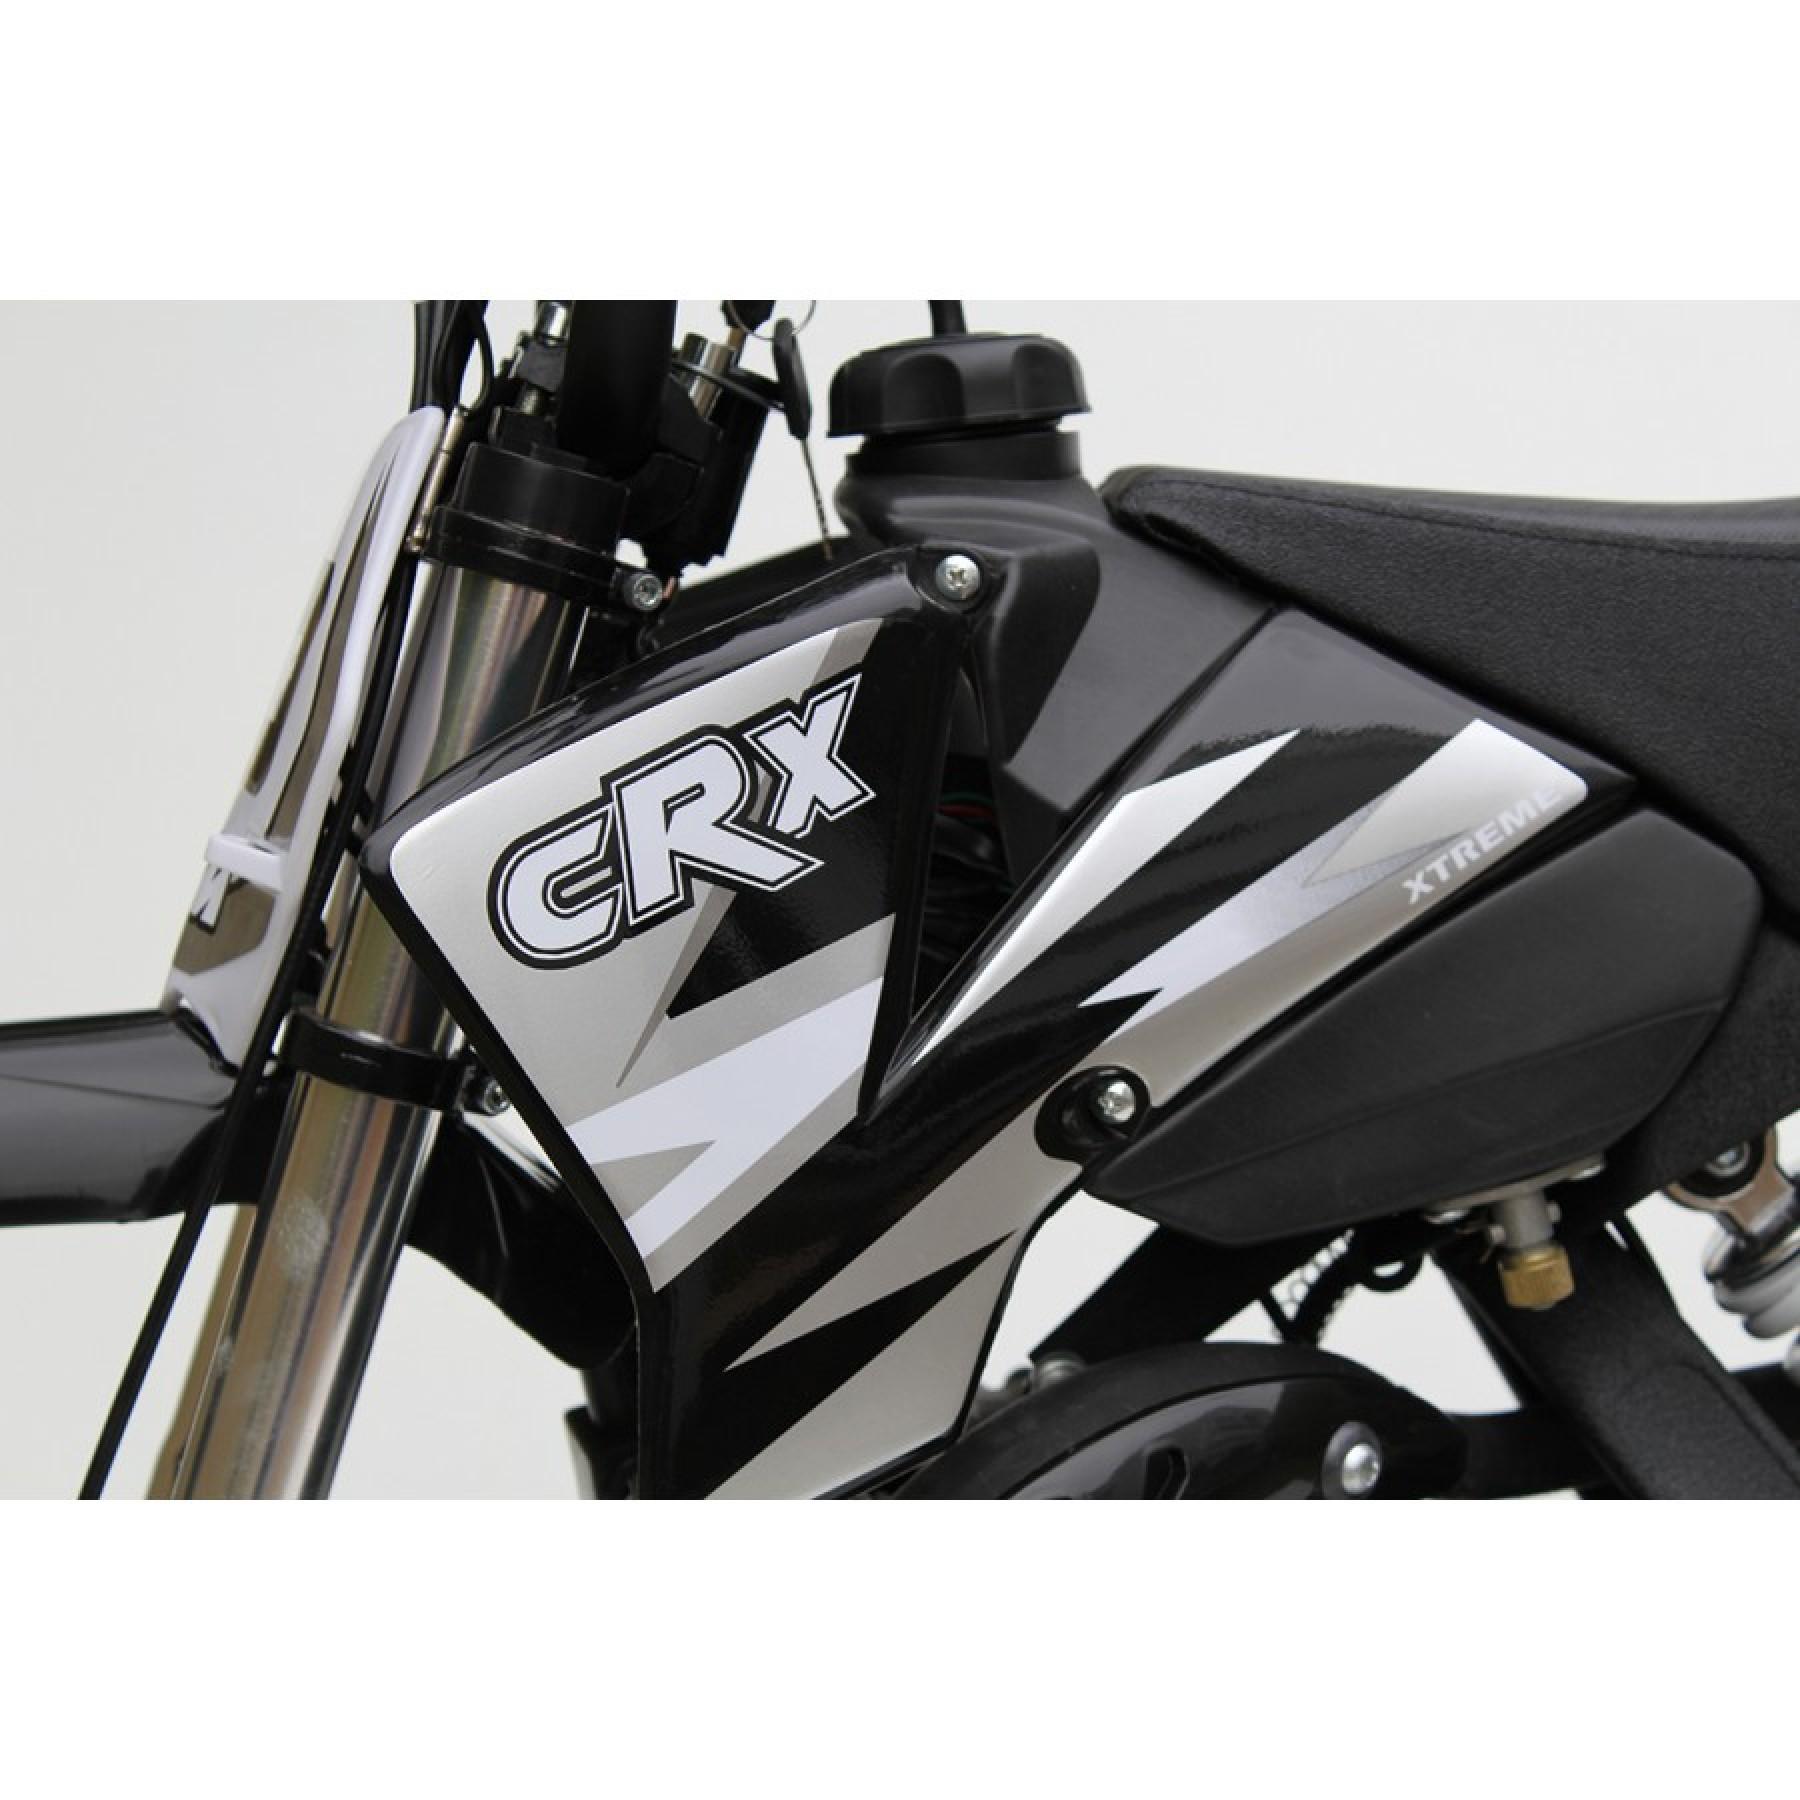 MINI DIRT BIKE XTM CRX 50 STICKER KIT / DECALS / TRANSFERS IN BLACK/ SILVER